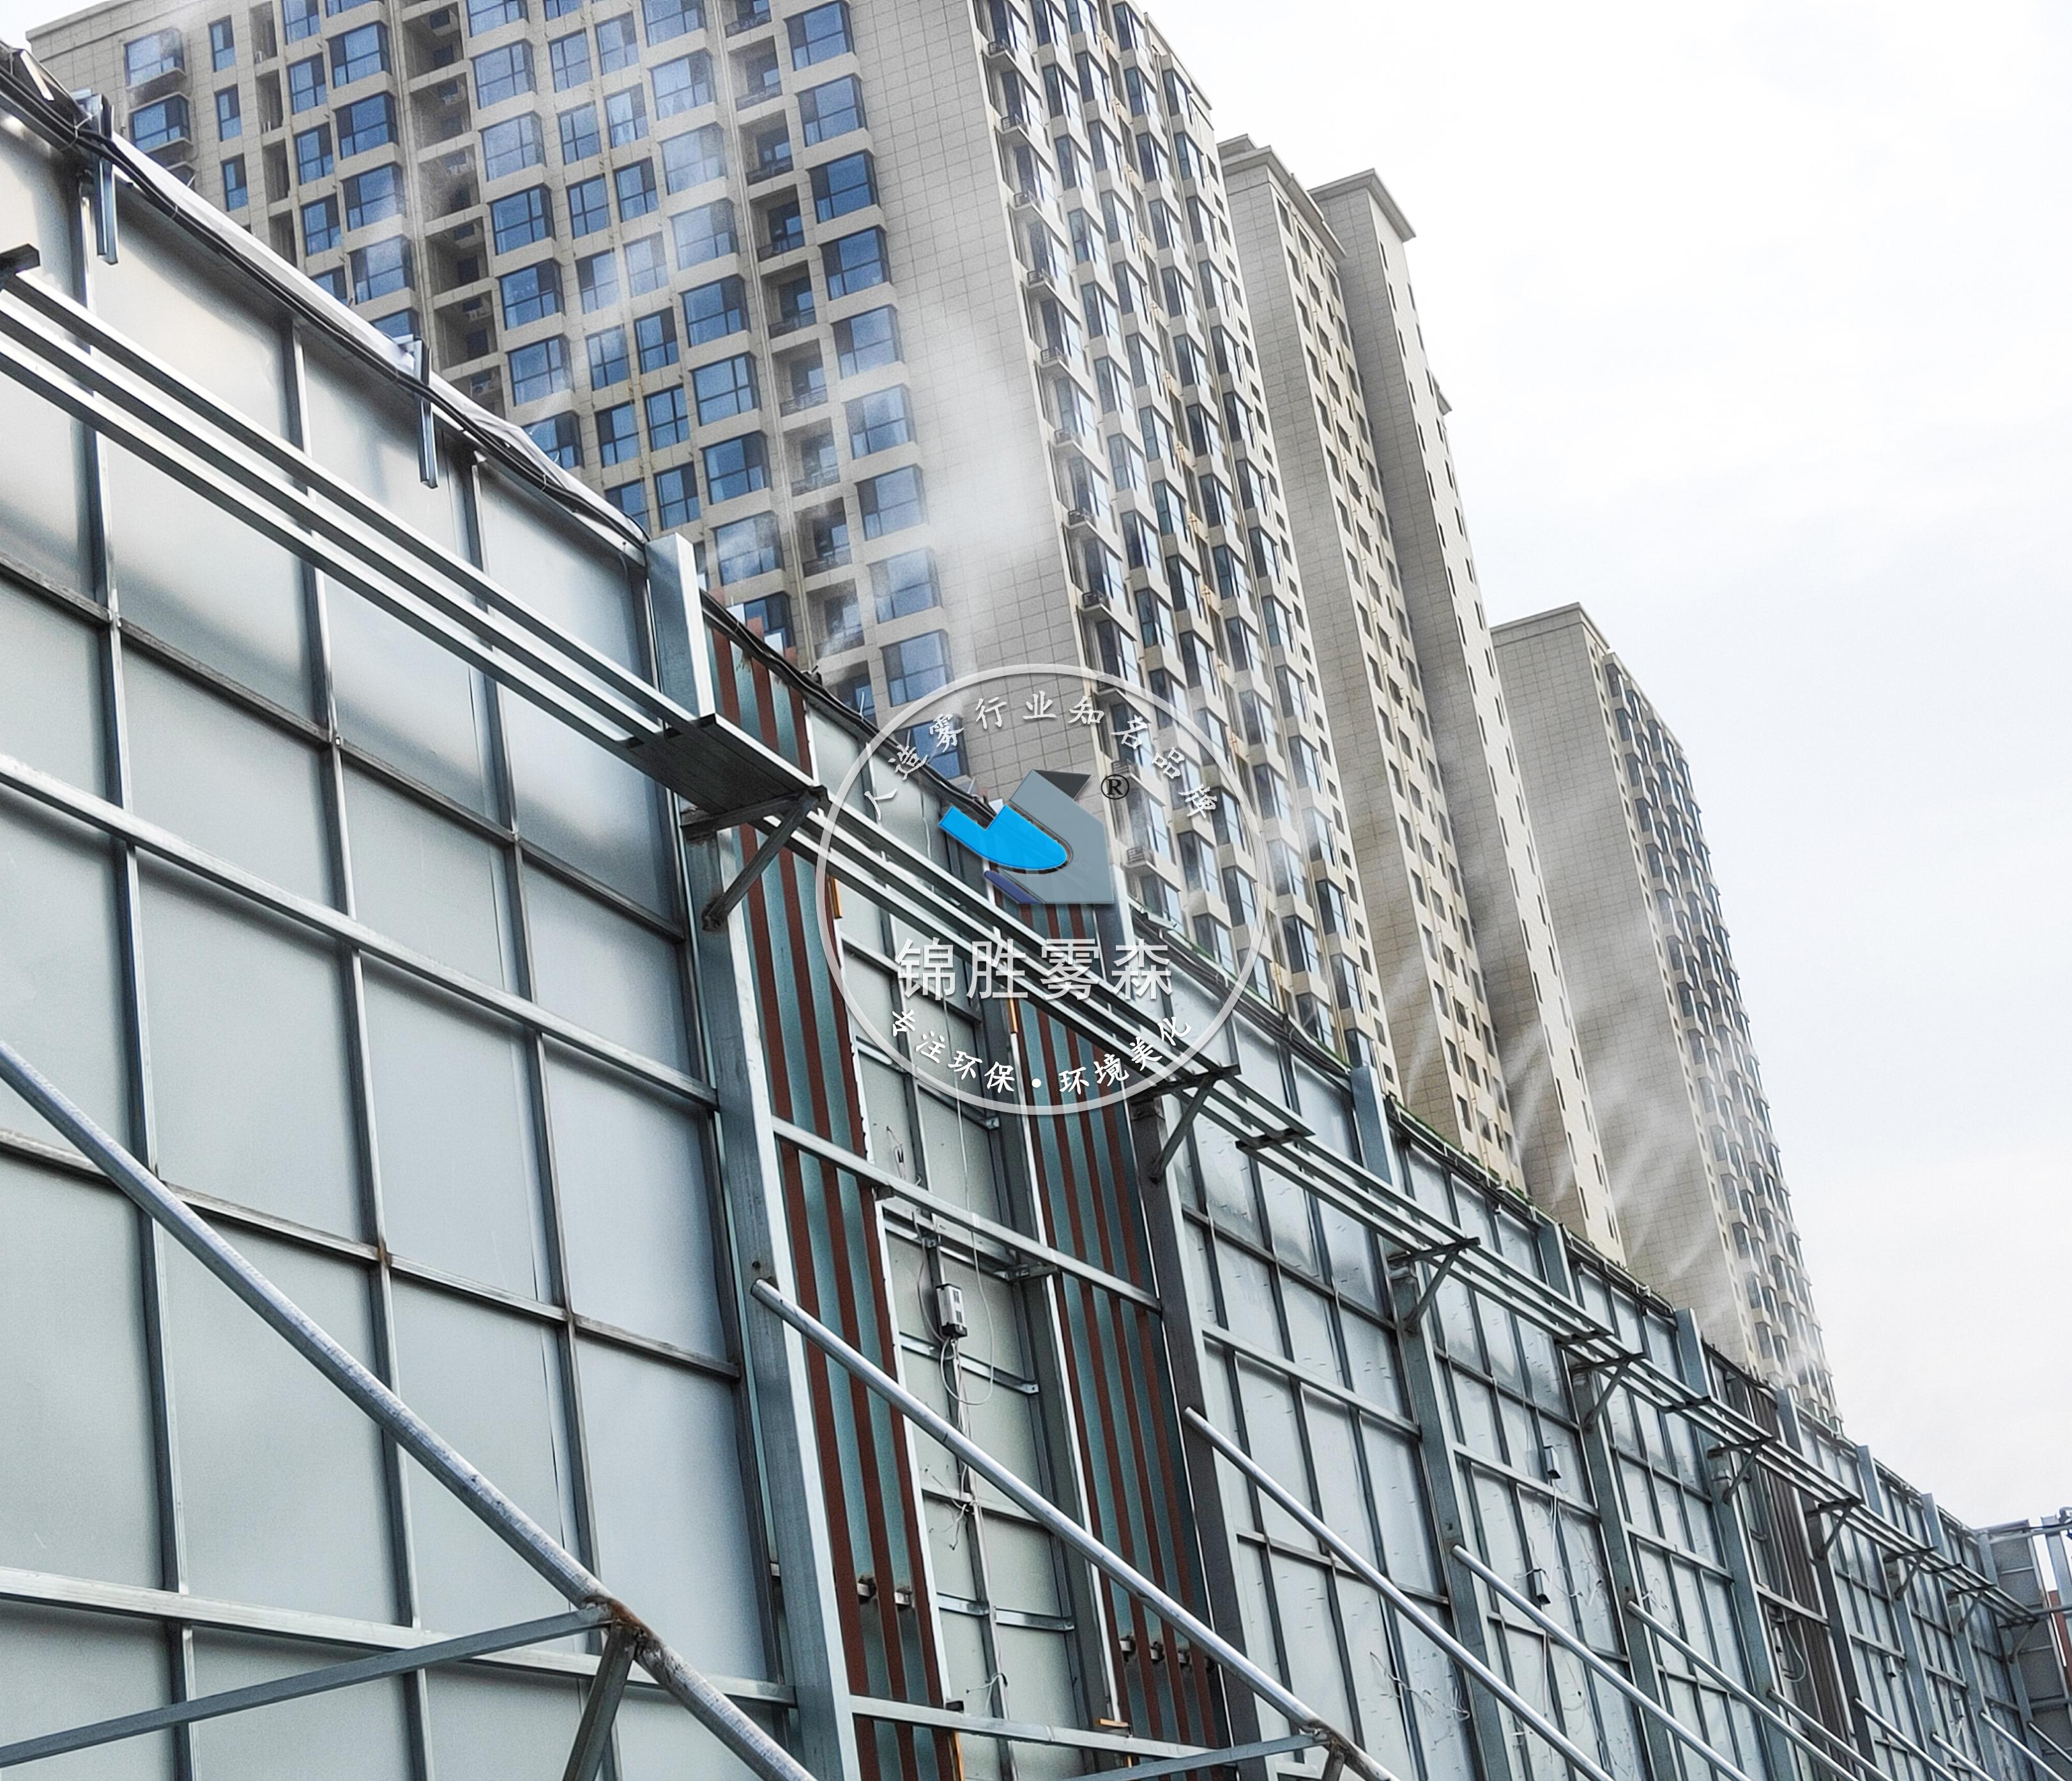 高压喷雾降尘系统,综合治理扬尘污染——锦胜雾森